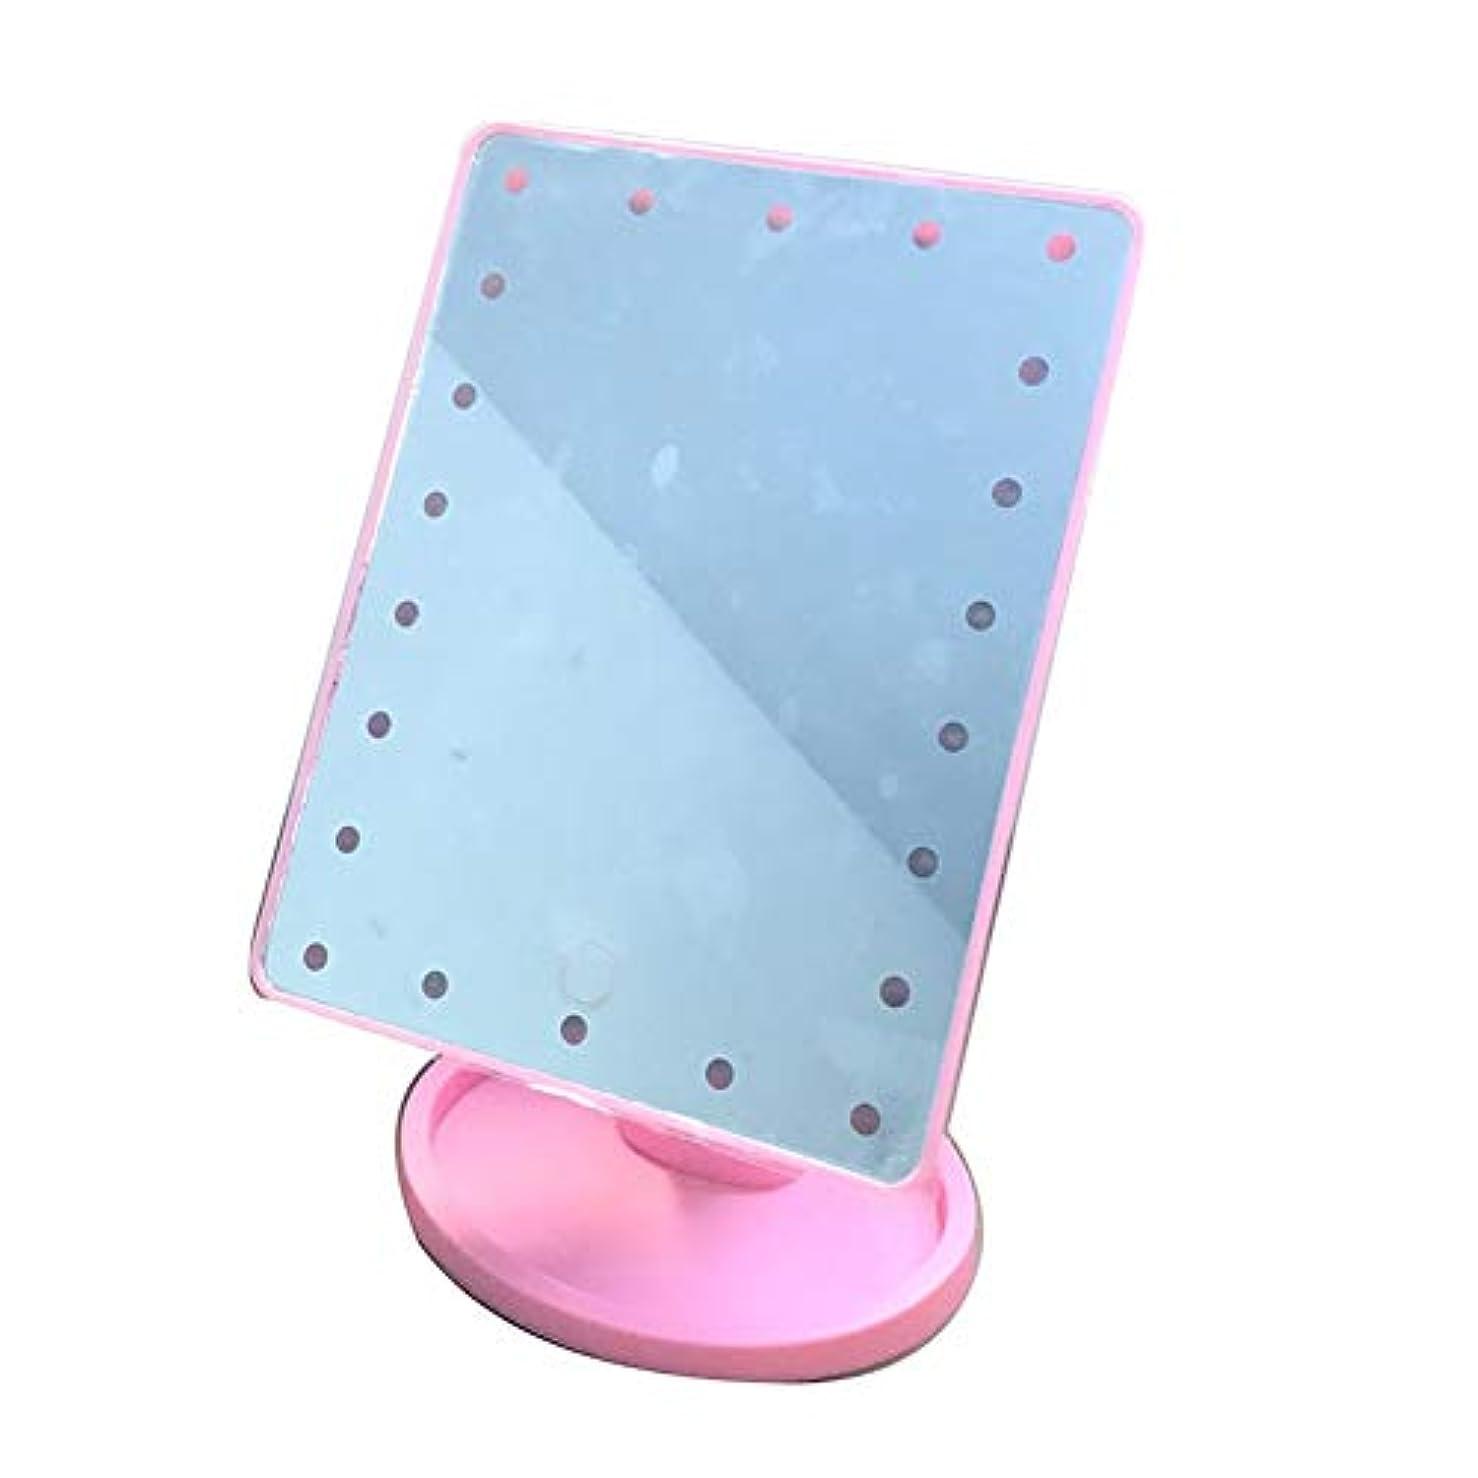 利点くそー無心Plutoury 化粧鏡 鏡 卓上 LEDライト22灯 女優ミラー 化粧鏡 LEDライト付き 明るさ調節可 180°回転 電池交換可能(PK1-16)